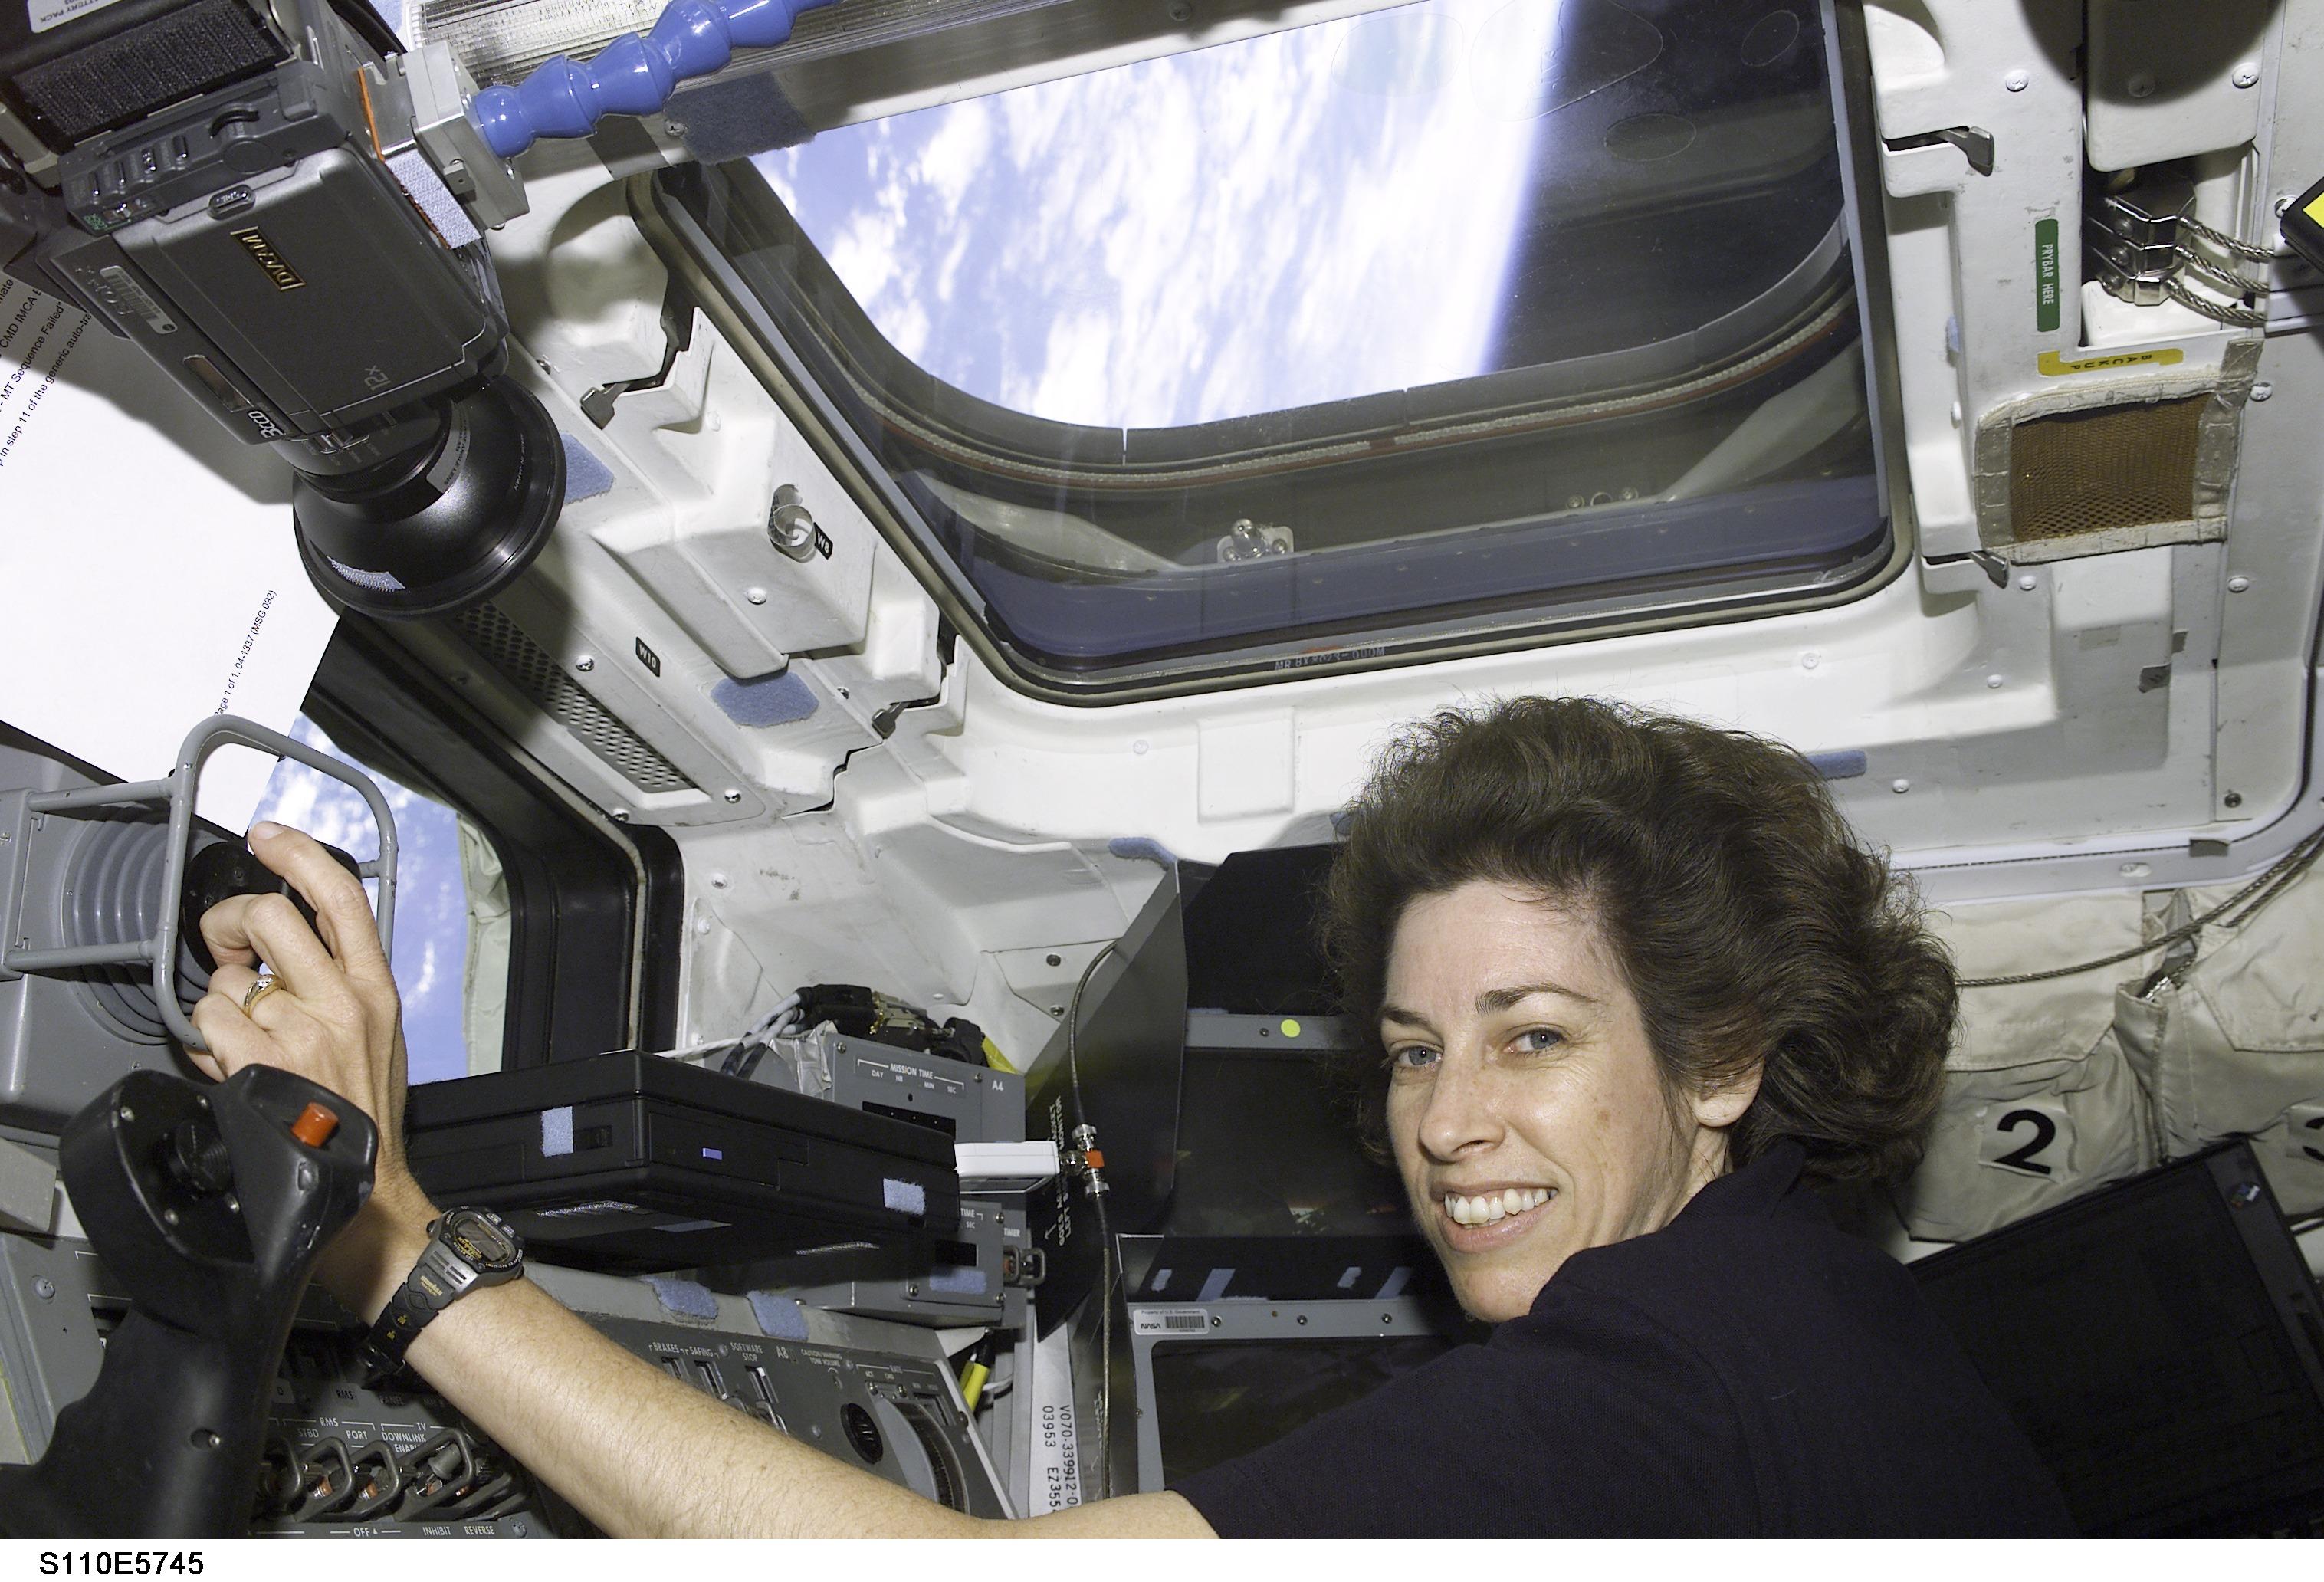 ellen ochoa on space shuttle discovery - photo #15